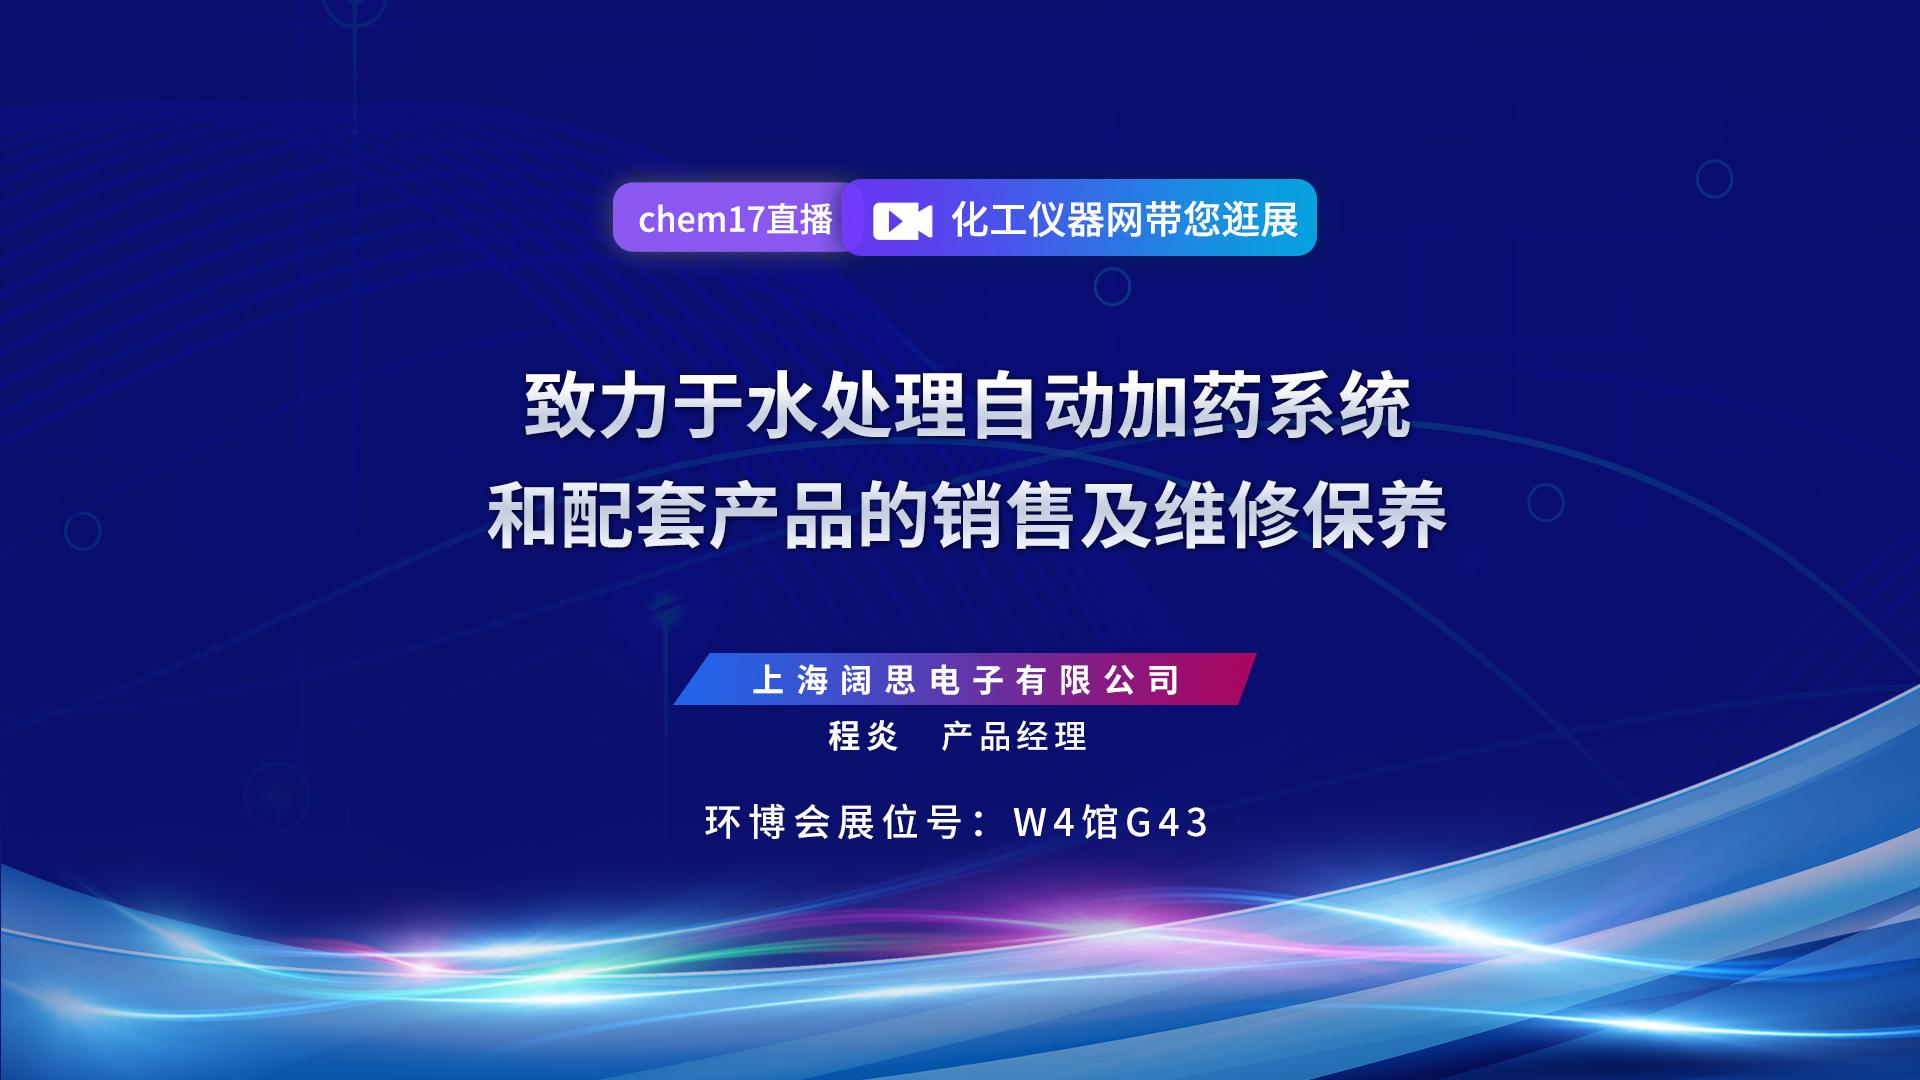 上海阔思电子有限公司精彩亮相2021环博会